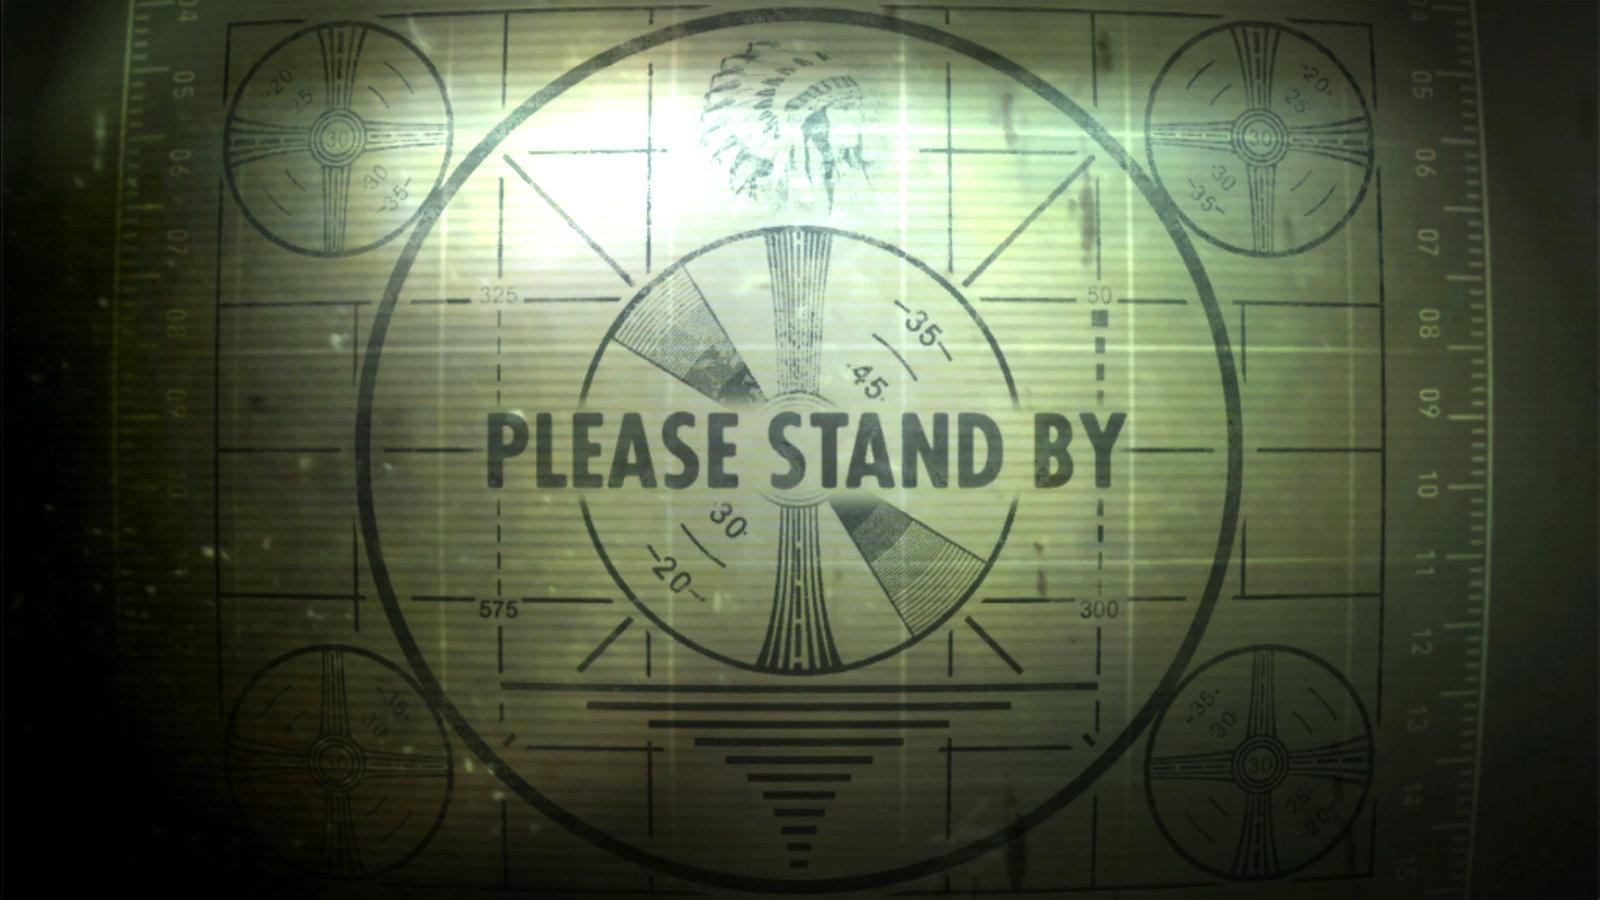 http://3.bp.blogspot.com/-llVlIJQ-BPY/T_3BdGp78CI/AAAAAAAAC30/SJtn2bl0qss/s1600/Please_Stand_By_by_GxMew.jpg